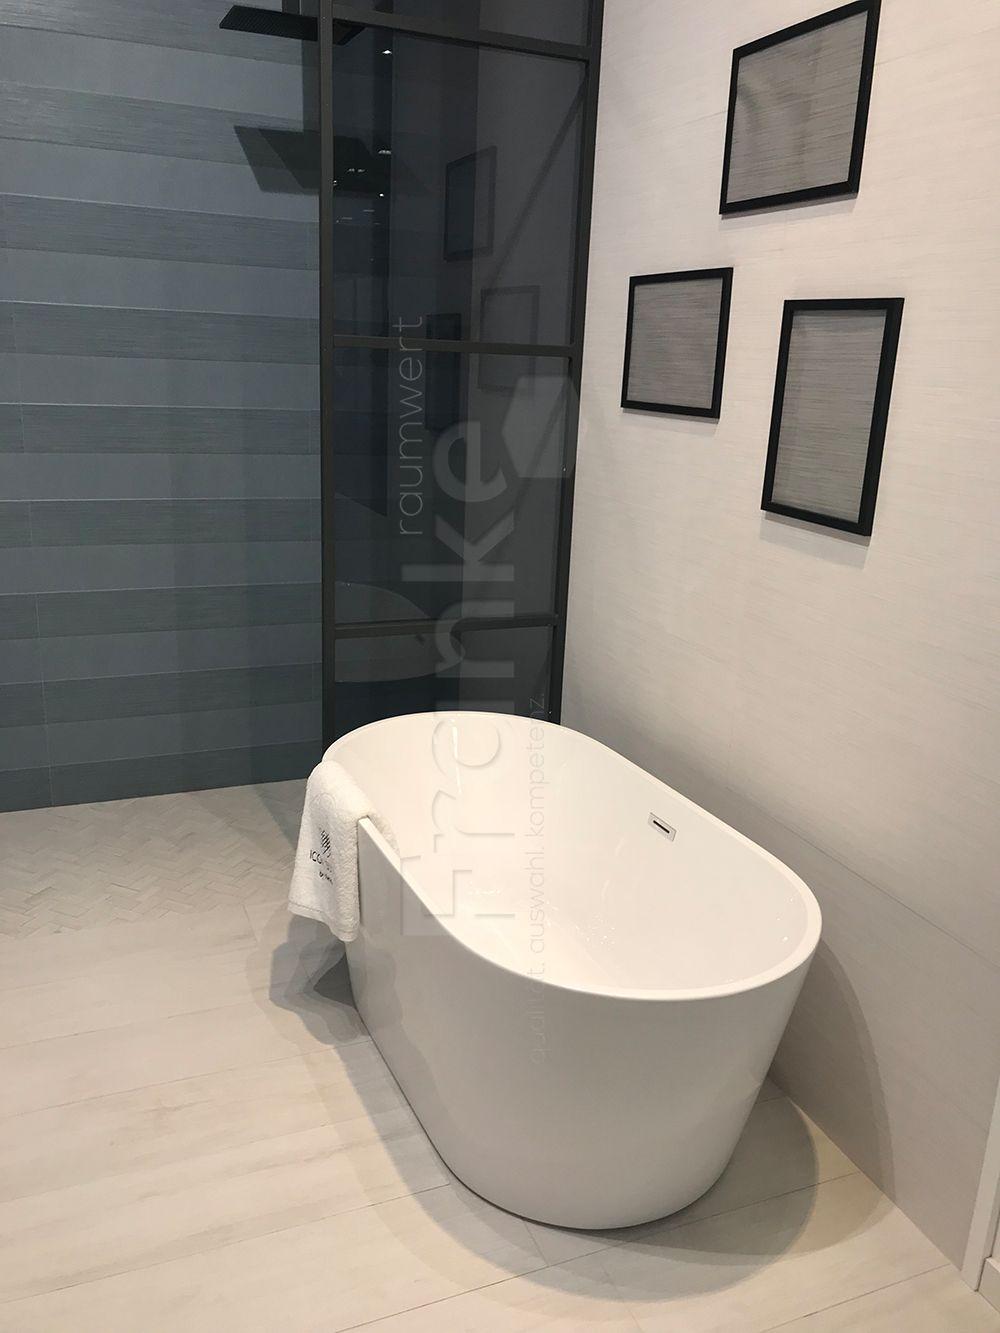 Wohlfluhlen In Einem Elegantem Und Gemutlichen Badezimmer